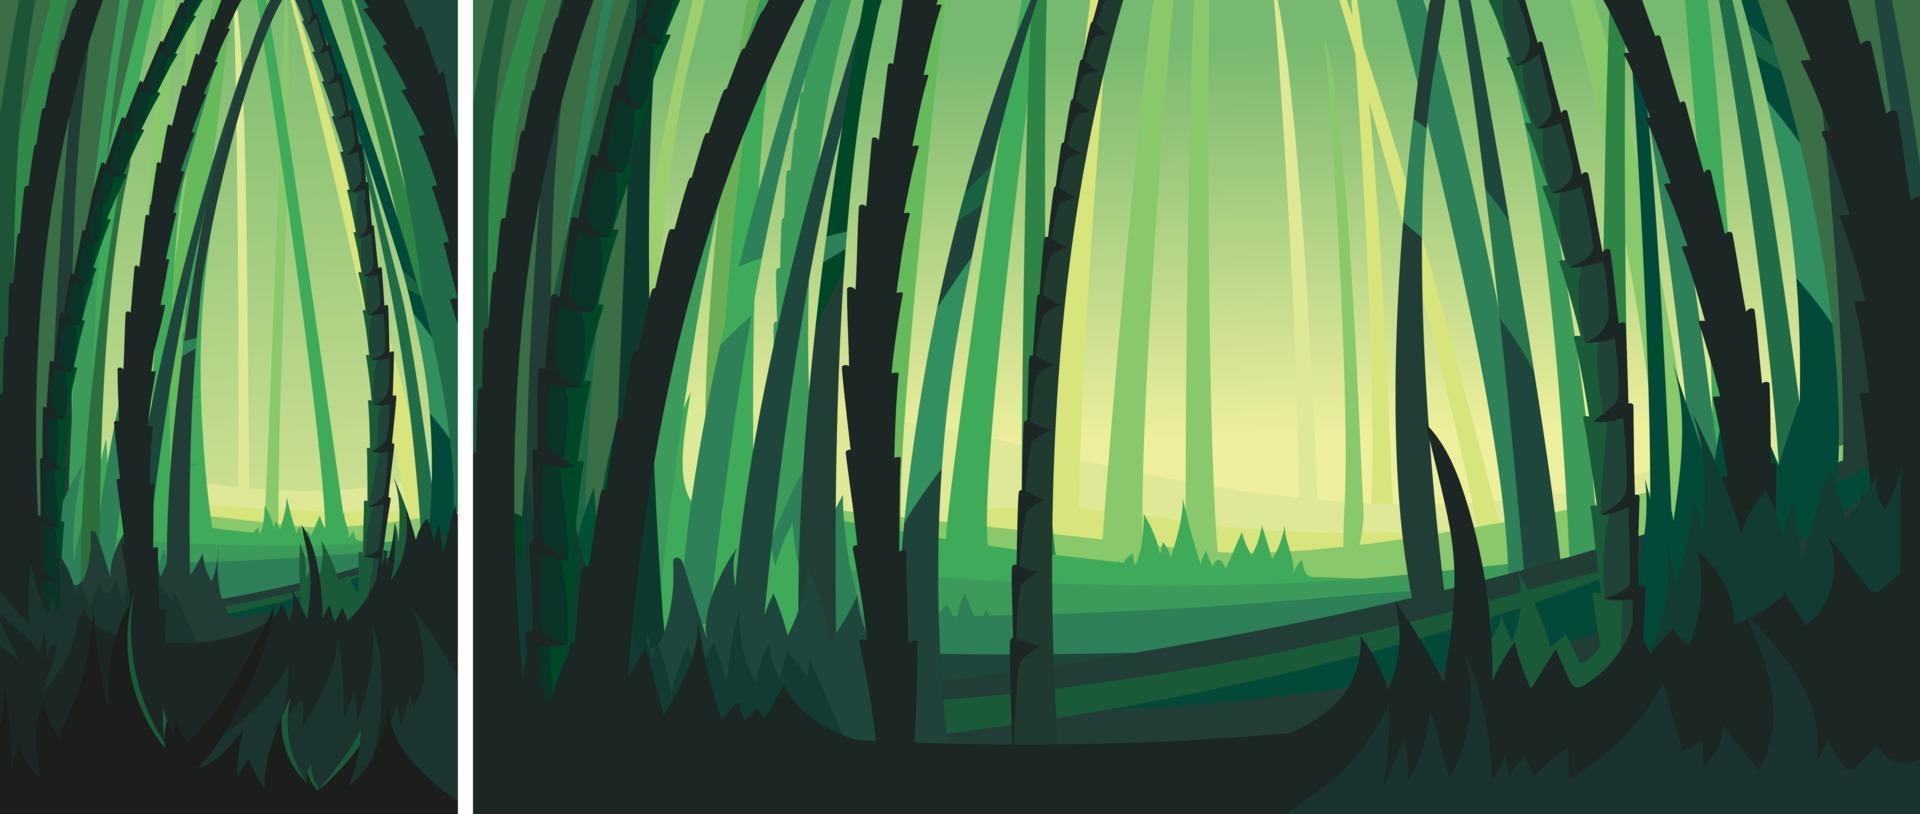 landschap met bamboebomen. natuurlandschap in verticale en horizontale oriëntatie. vector